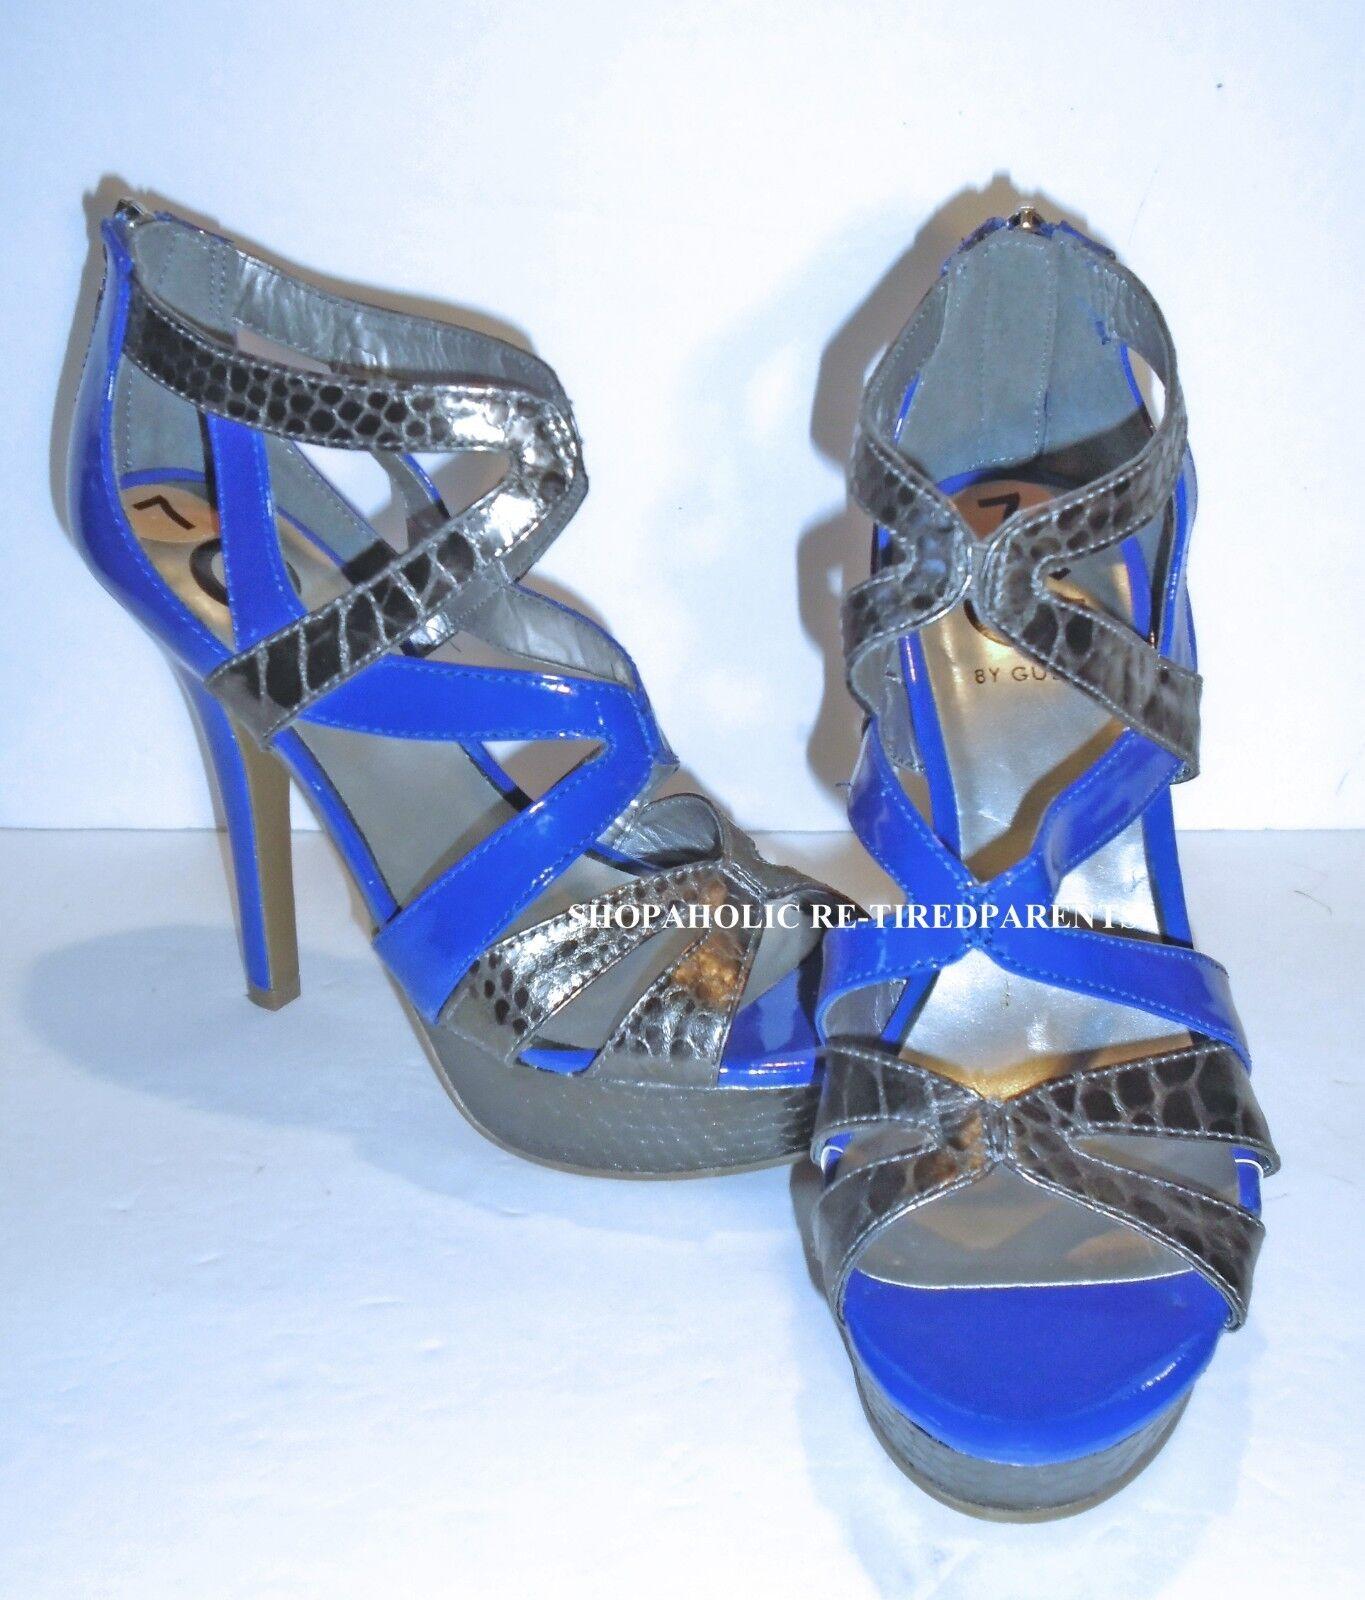 G By By By Guess-De Vestir Zapatos Tacón Sandalias - – 5  – Azul Y Plateado – Talla 7-nuevo  125  de moda